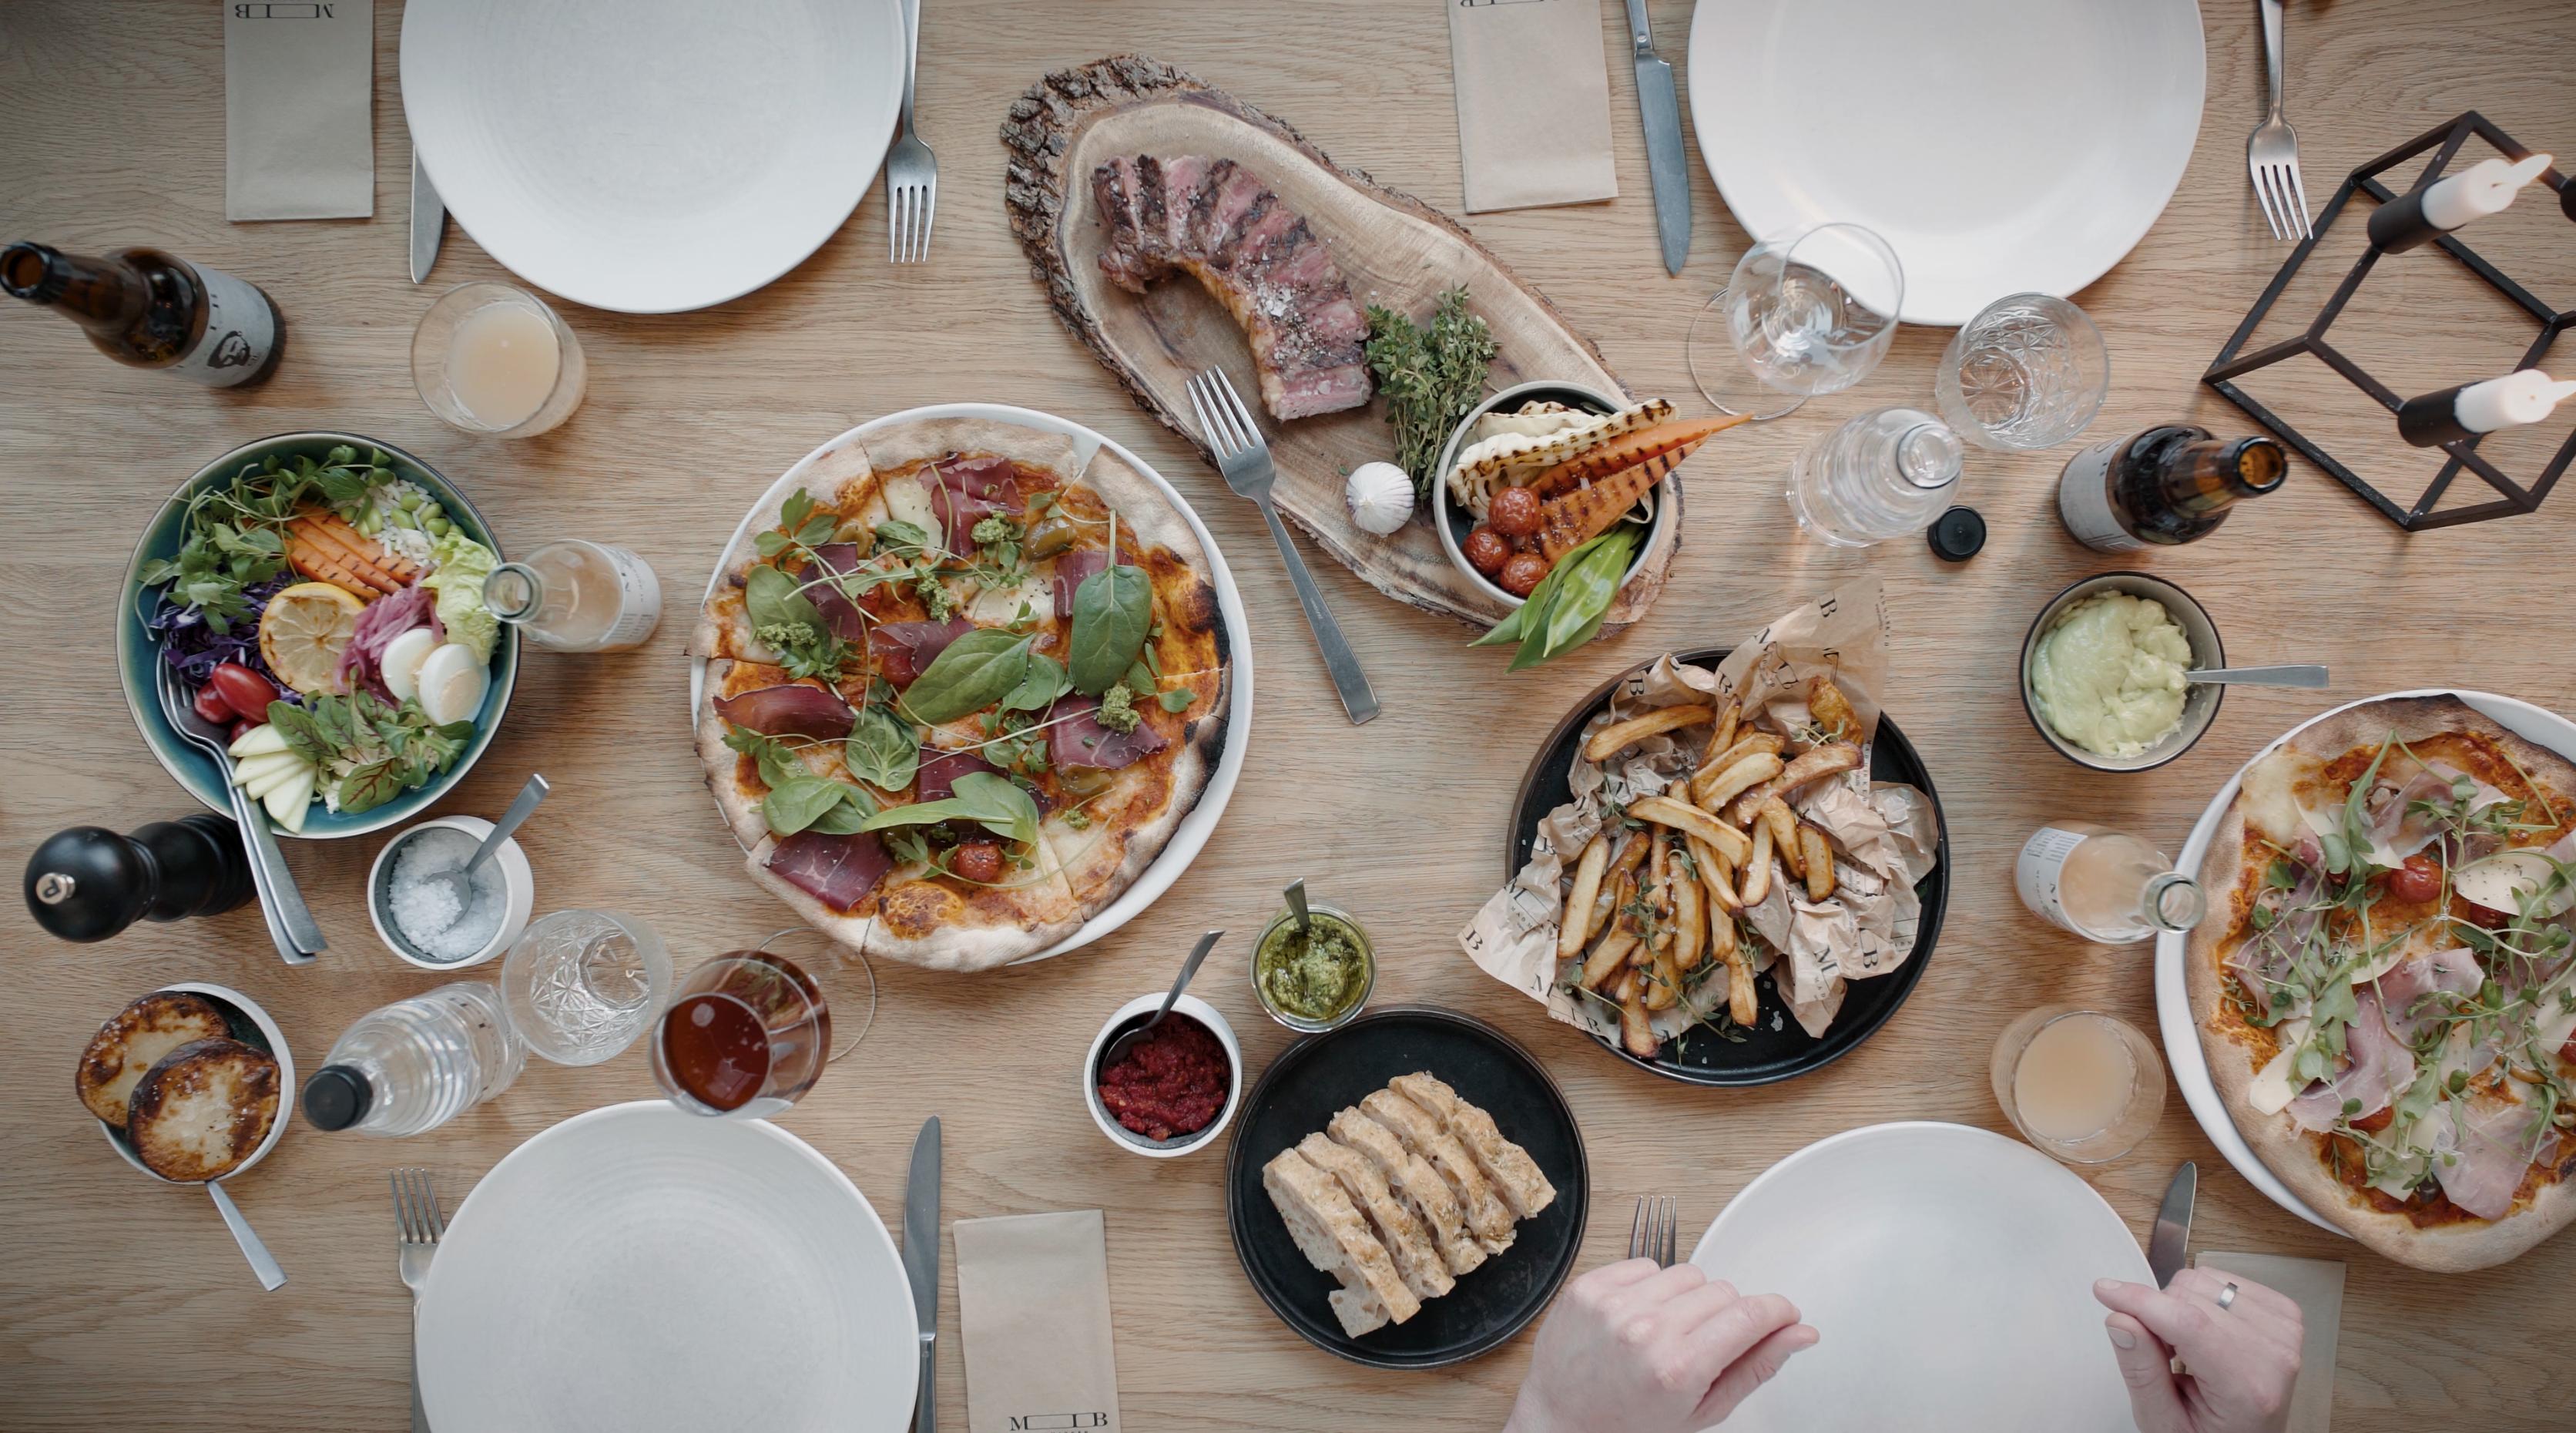 Morgenmad, smørrebrød og pizza: Aarhus får nyt food court